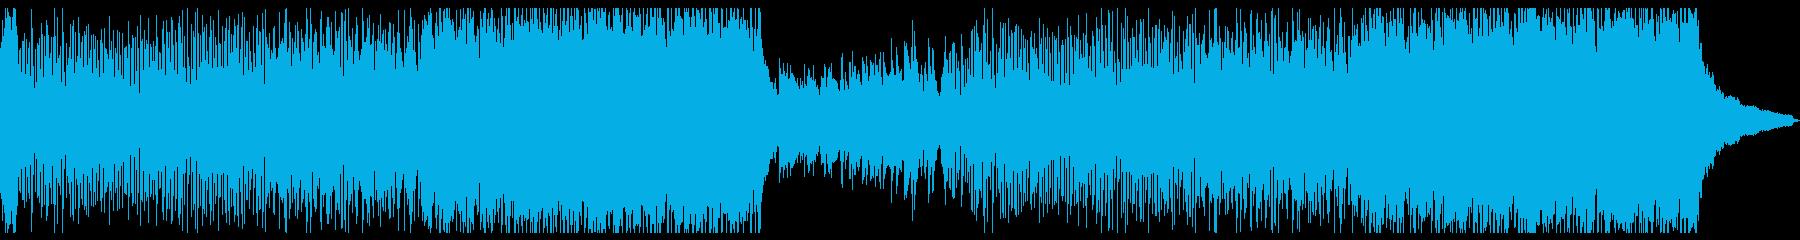 竜虎の再生済みの波形